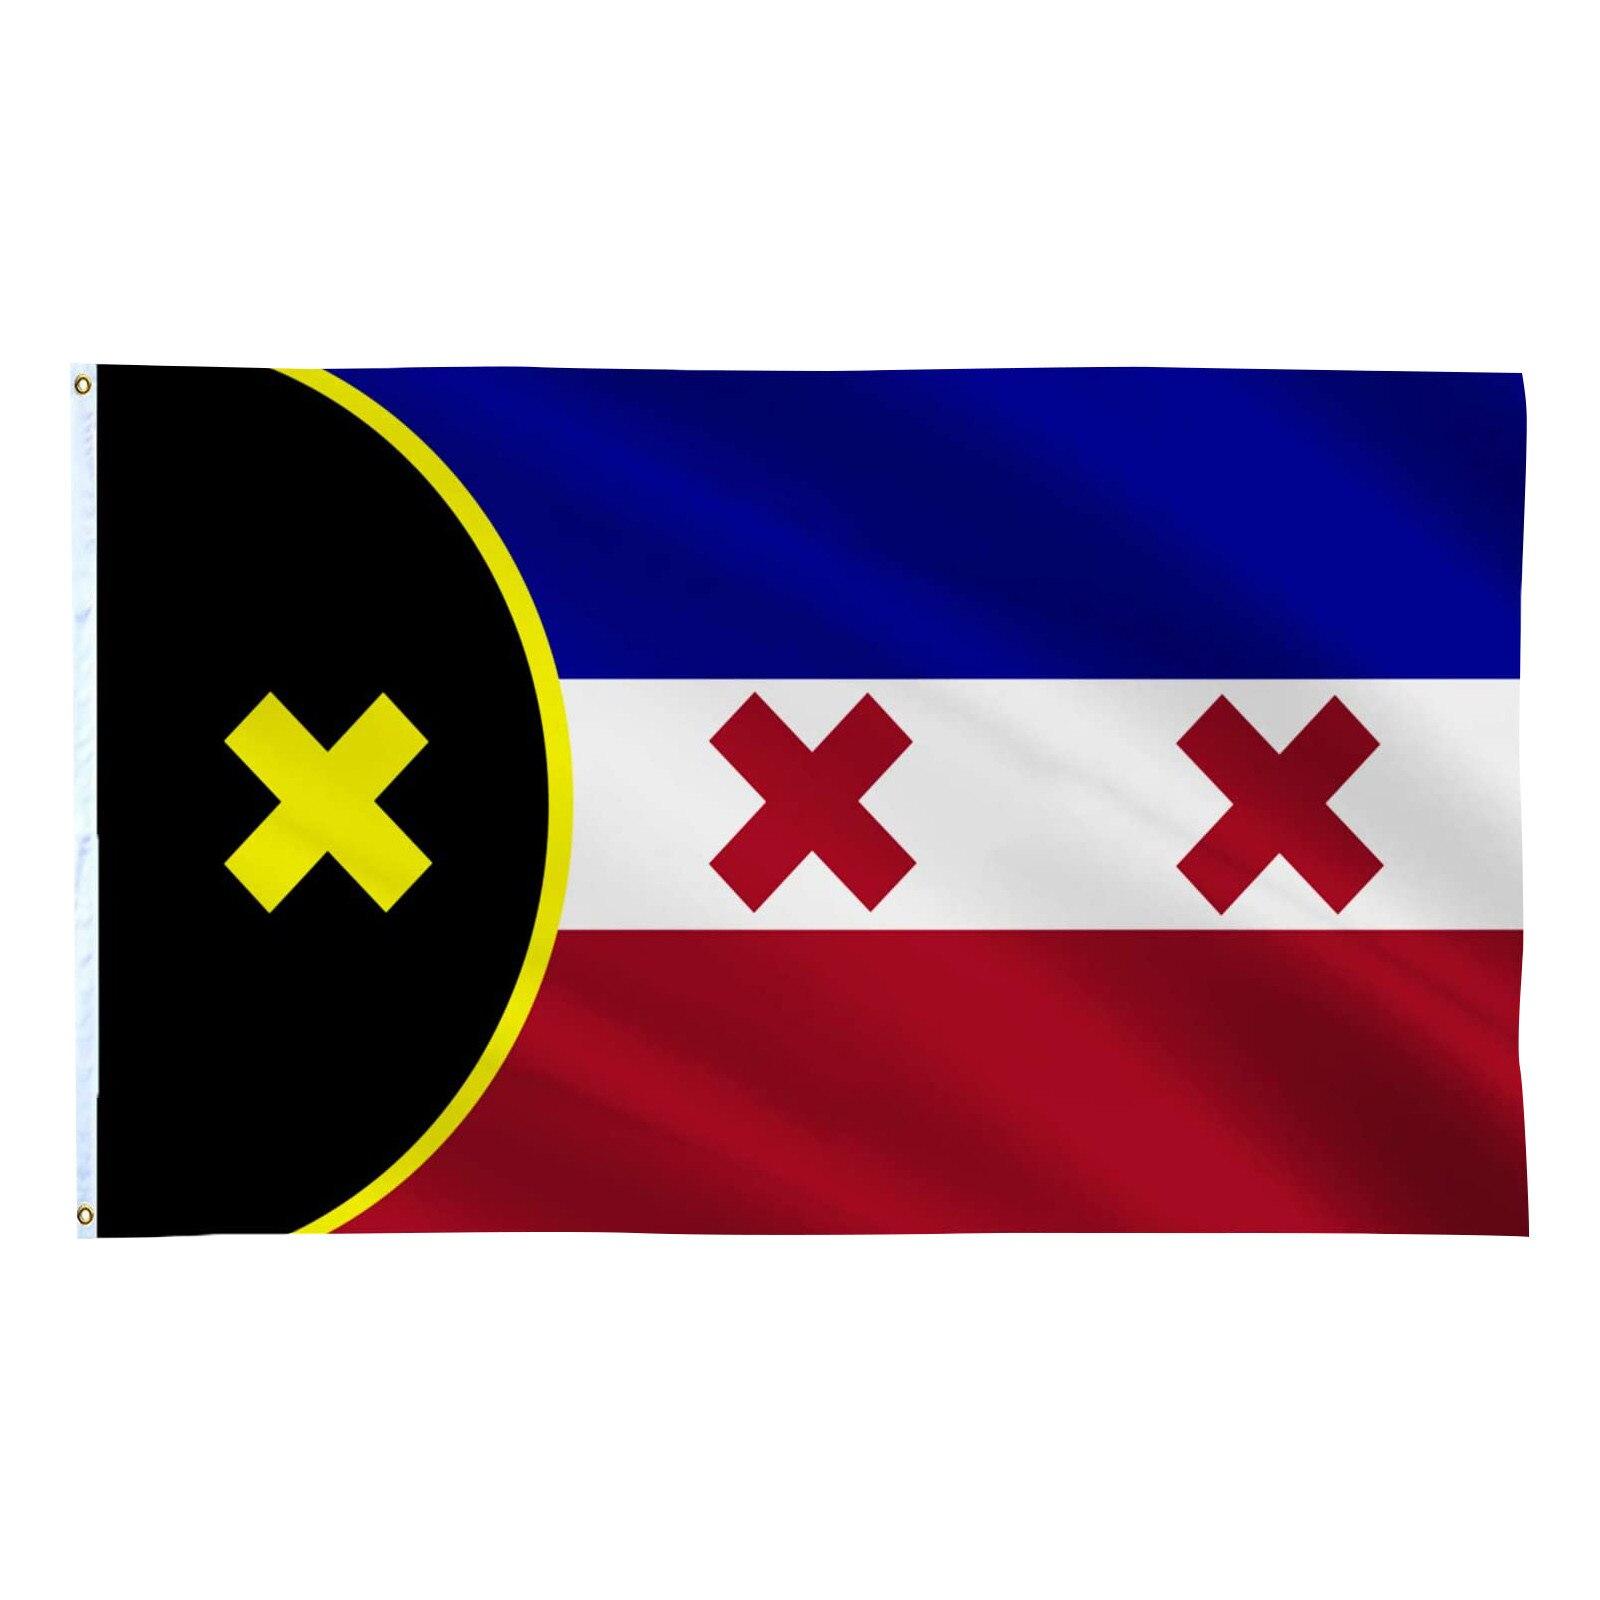 L'manberg 90x150 см 2021 мечта Европейский флаг из полиэстера красивые яркие Цвета закругленные петлицы-стойкость к выцветанию Lmanburg